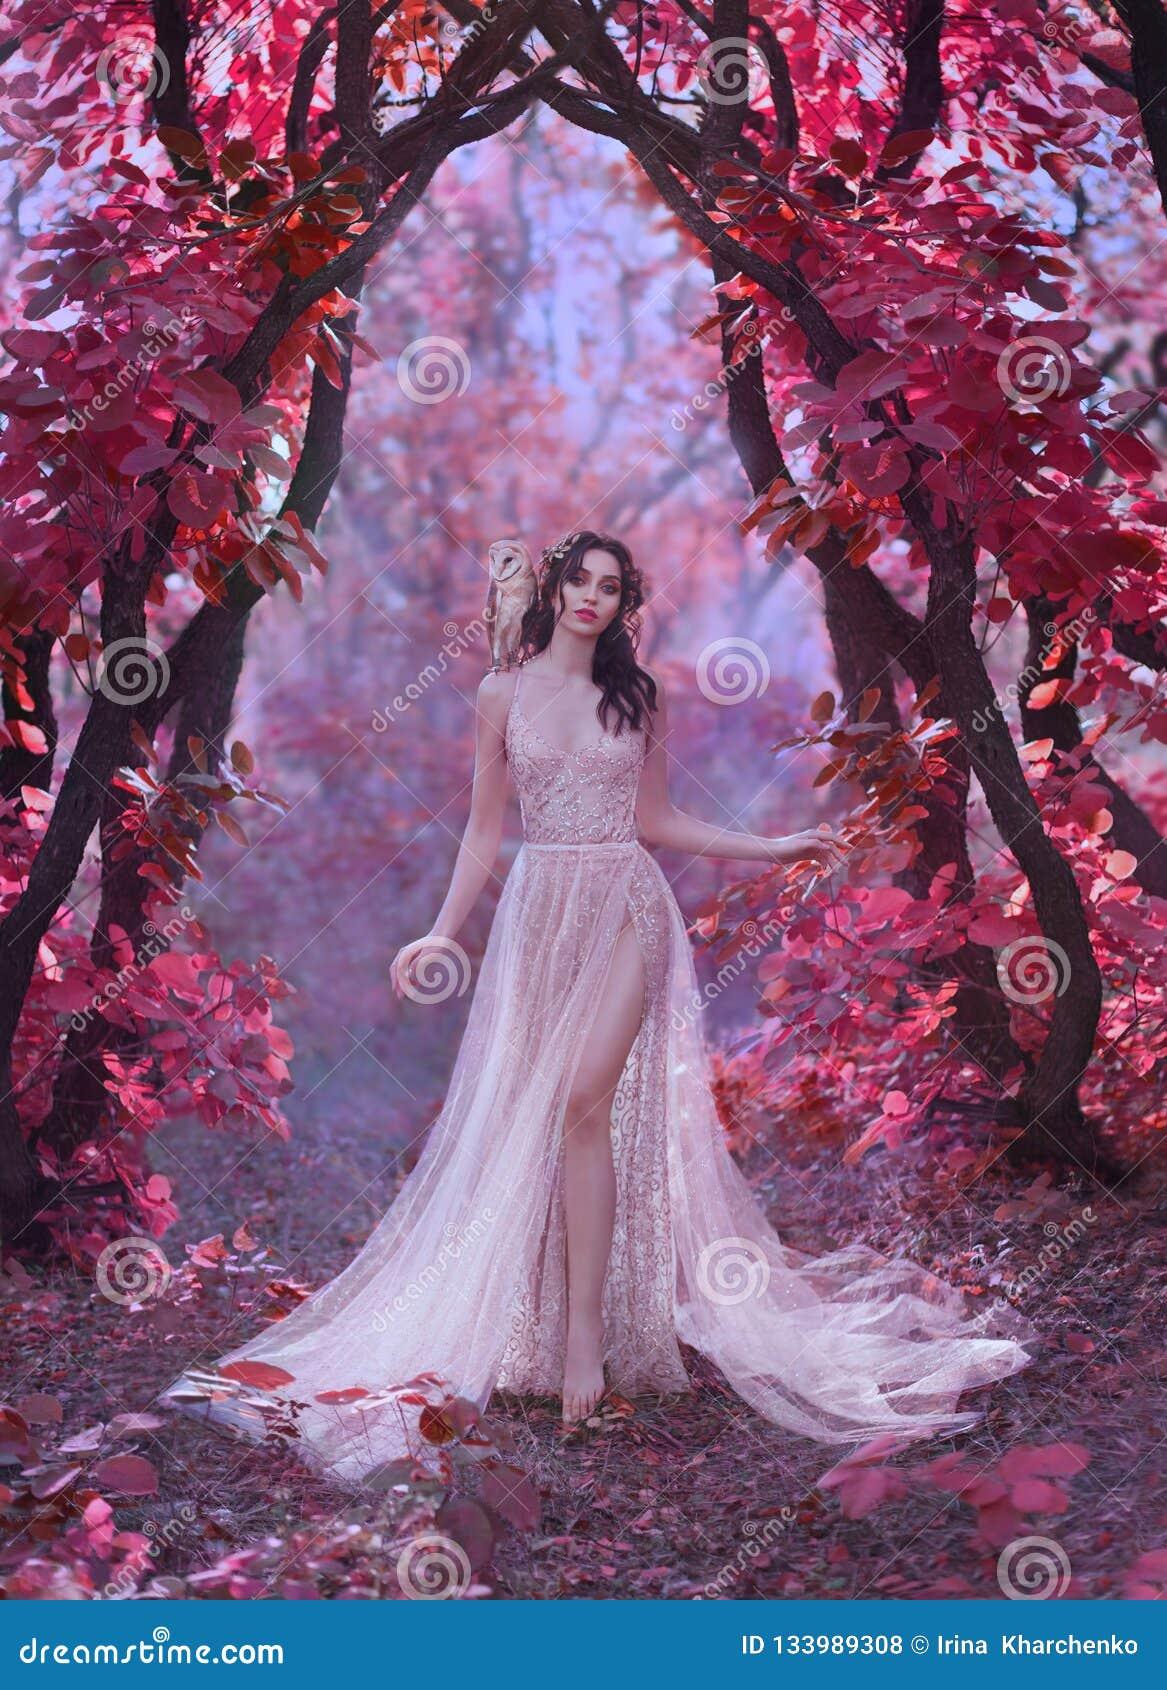 Mystisk attraktiv dam i en lång ljus lyxig klänning i en magisk rosa skog, port till sagavärlden som är gullig